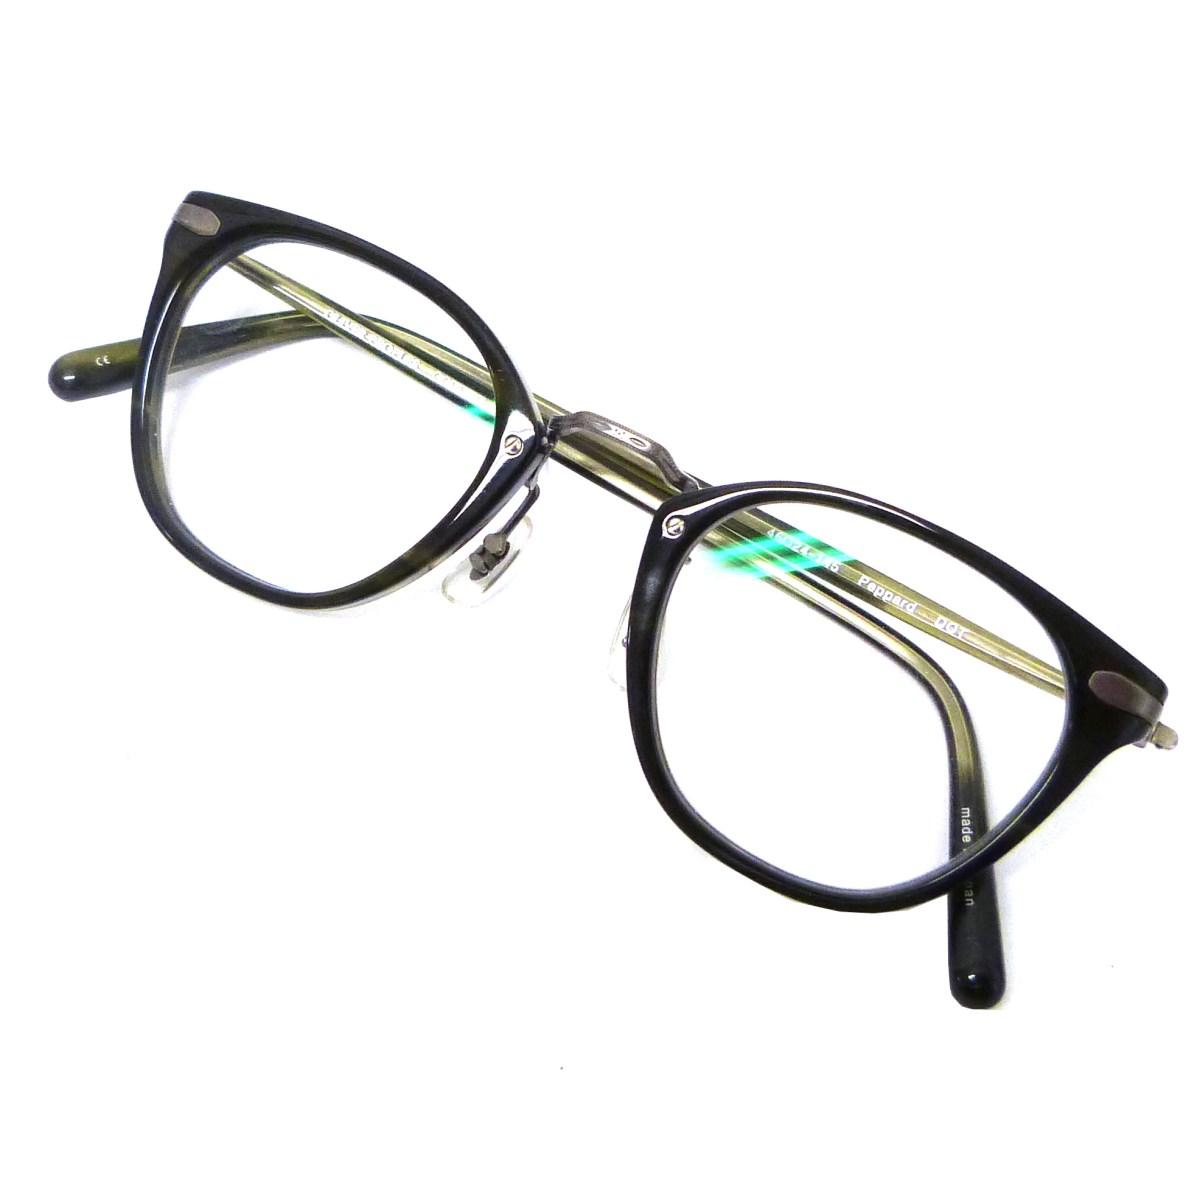 【中古】OLIVER PEOPLES 「Peppard DOT」眼鏡 クリア×カーキ サイズ:- 【150420】(オリバーピープルズ)